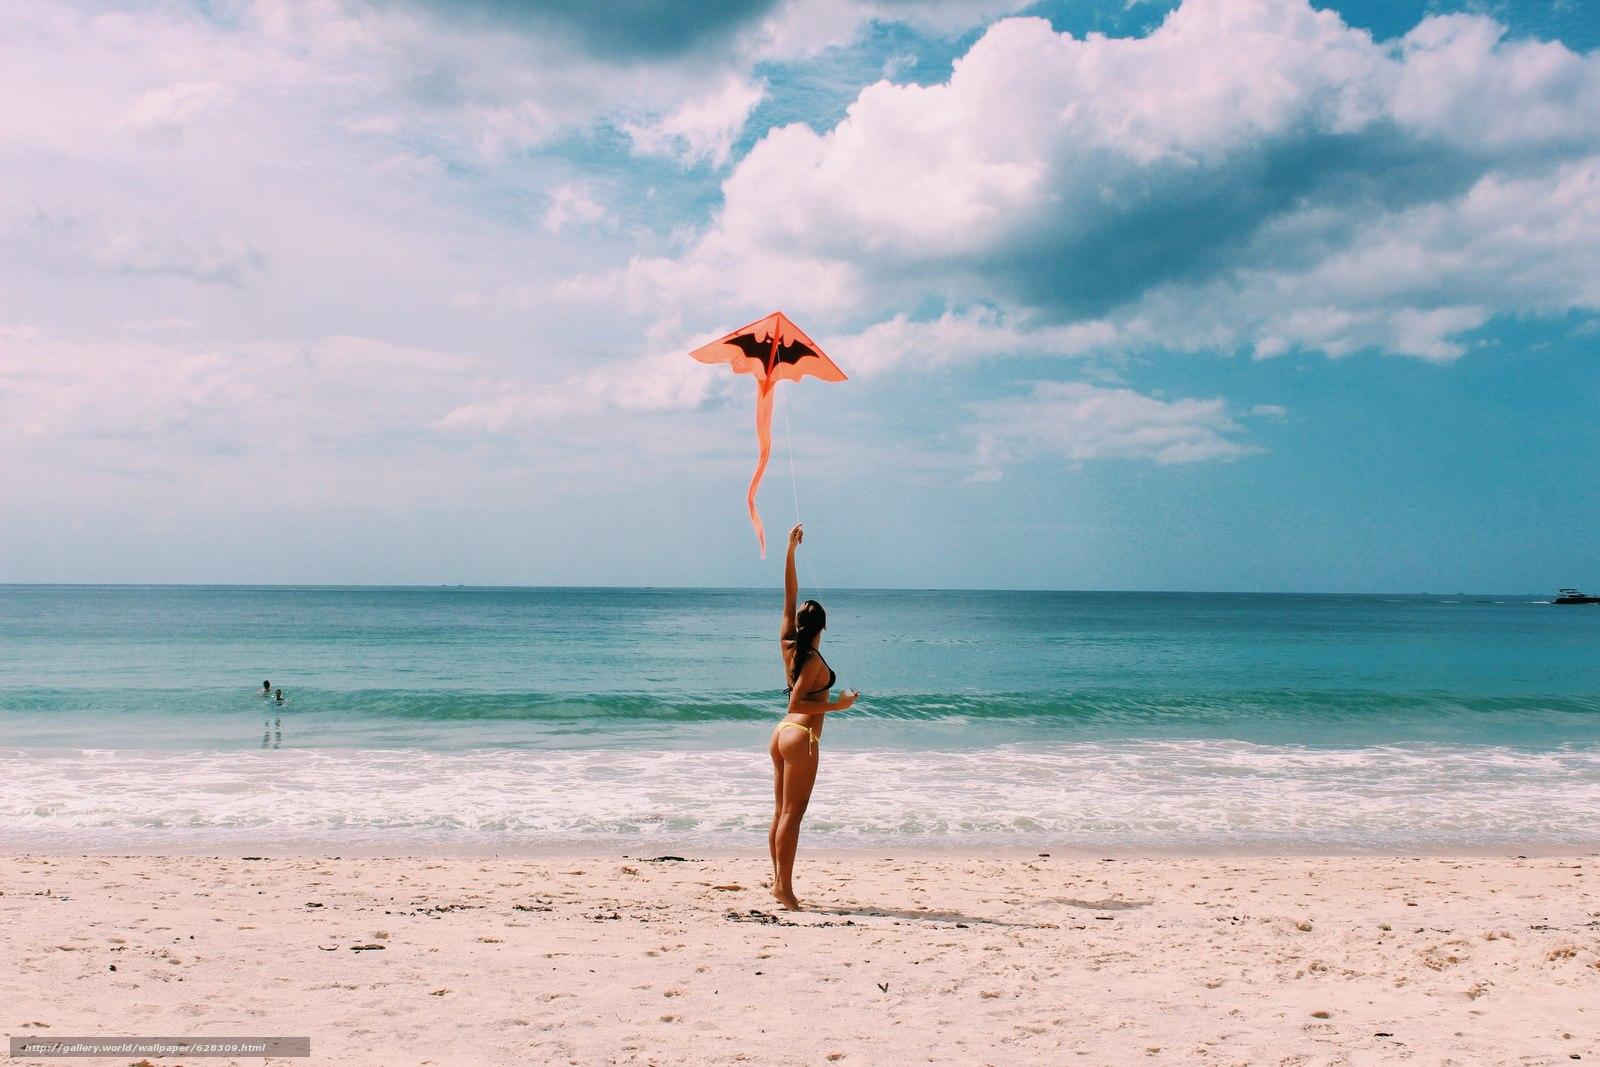 Скачать на телефон обои фото картинку на тему природа, пляж, девушка, разширение 2560x1707